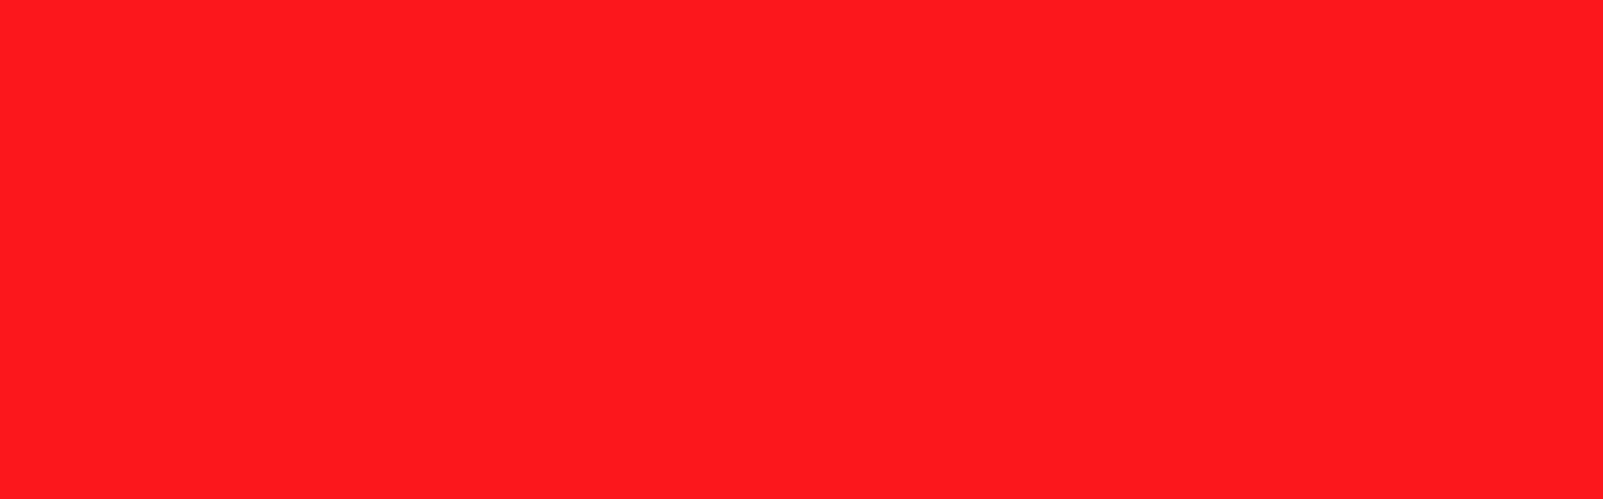 redBG